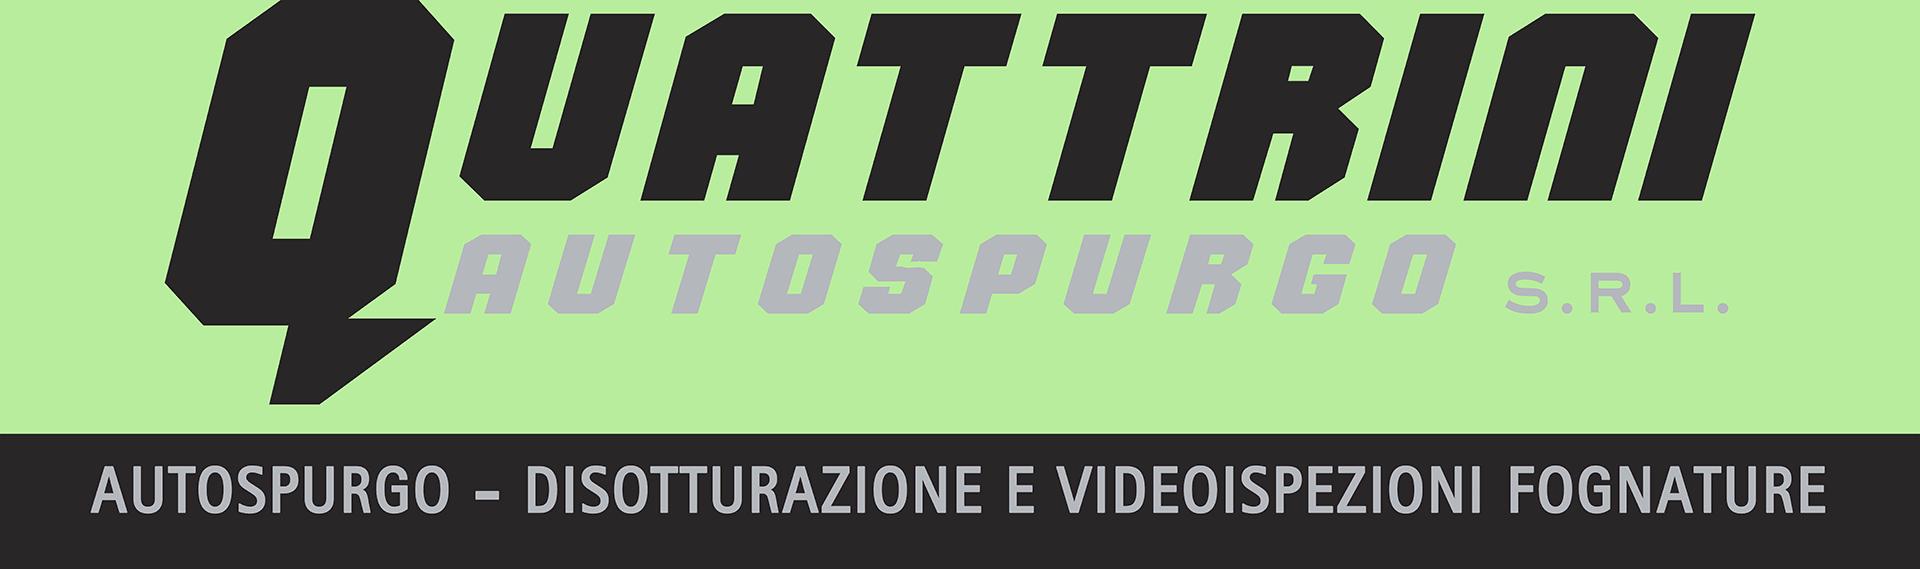 Autospurgo Quattrini, servizio di qualità a Pesaro, Urbino e Ancona